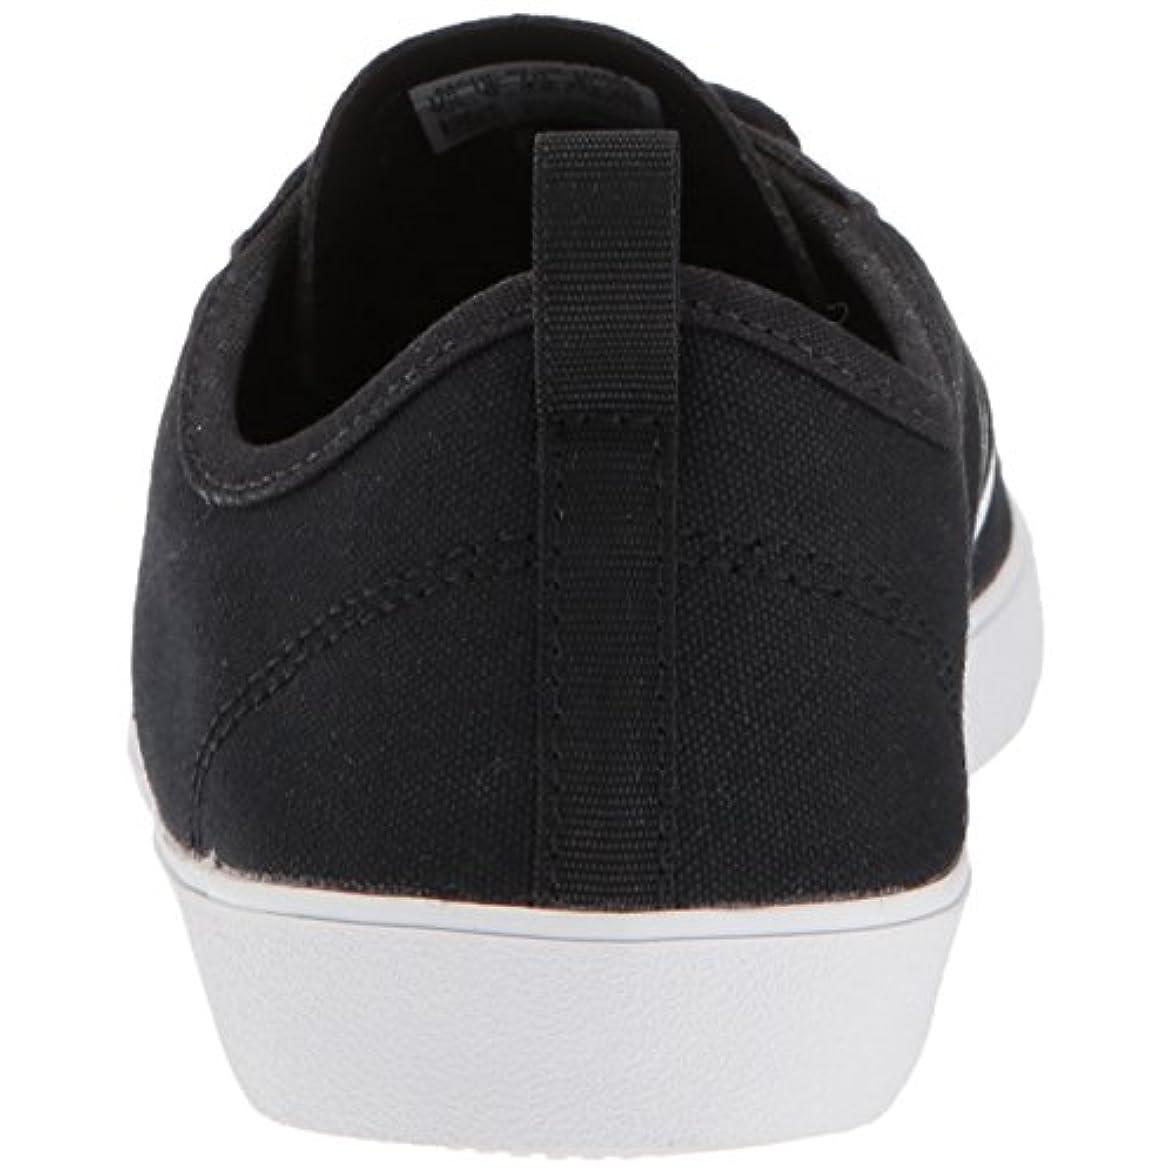 Black Eu 2 Black - Vulc core white W Originals Nero 0 Qt 40 core Donna Adidas